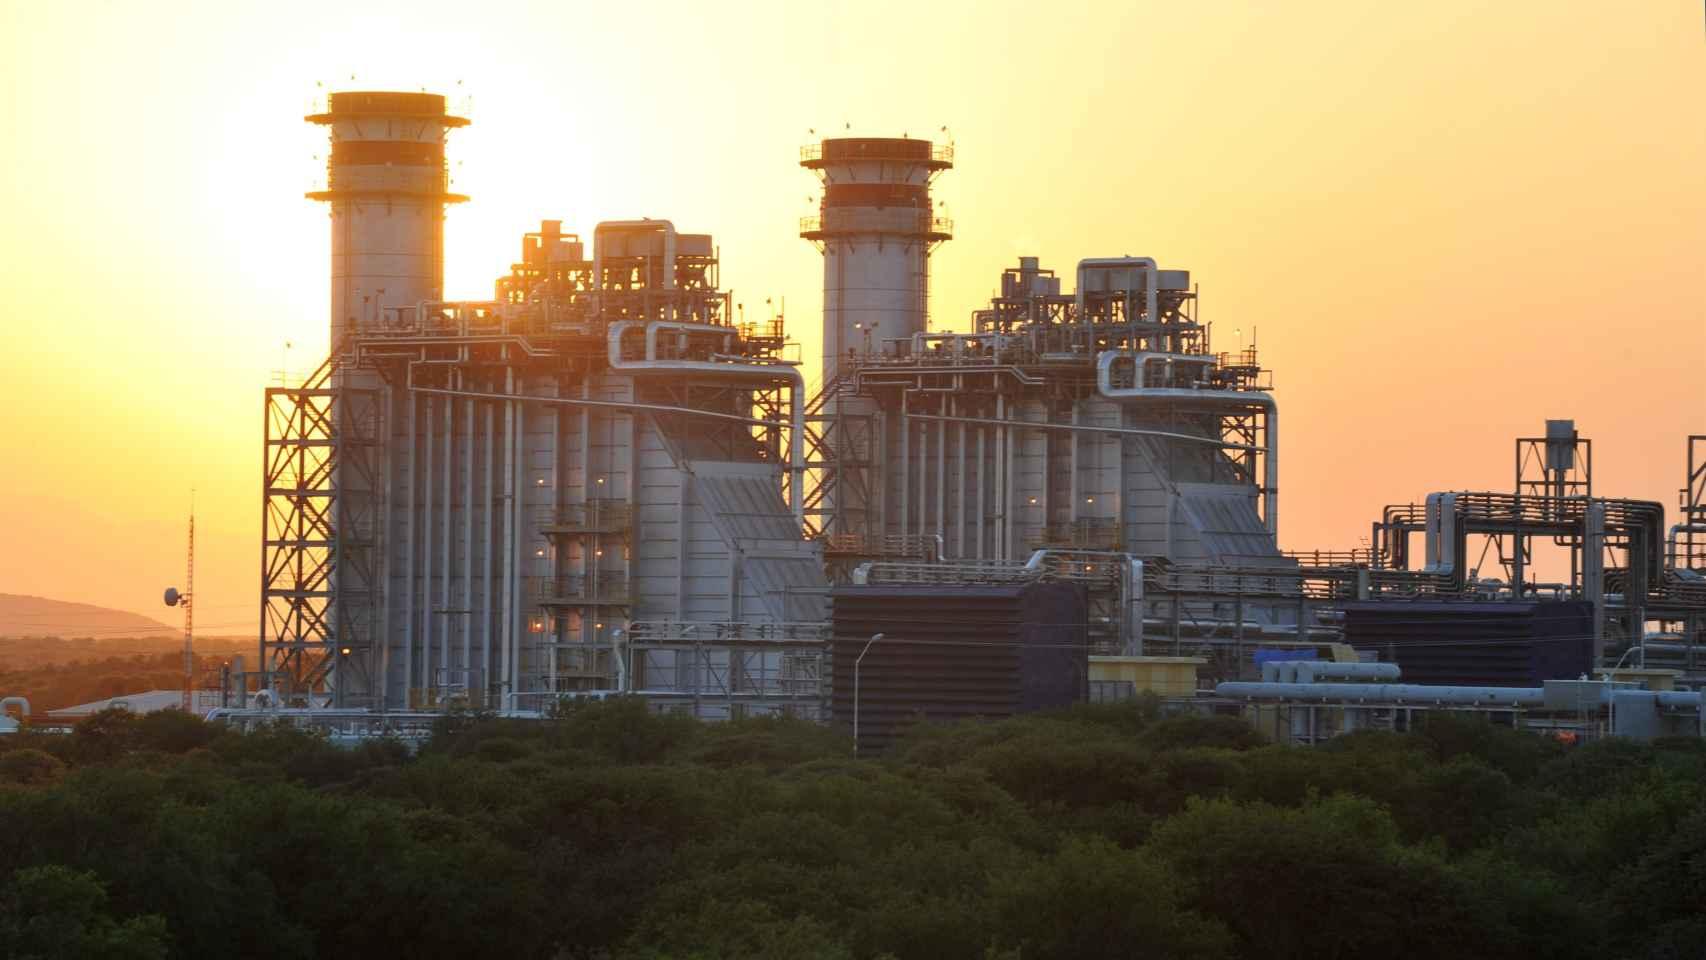 Los ciclos combinados fueron en julio y agosto la principal fuente de energía eléctrica